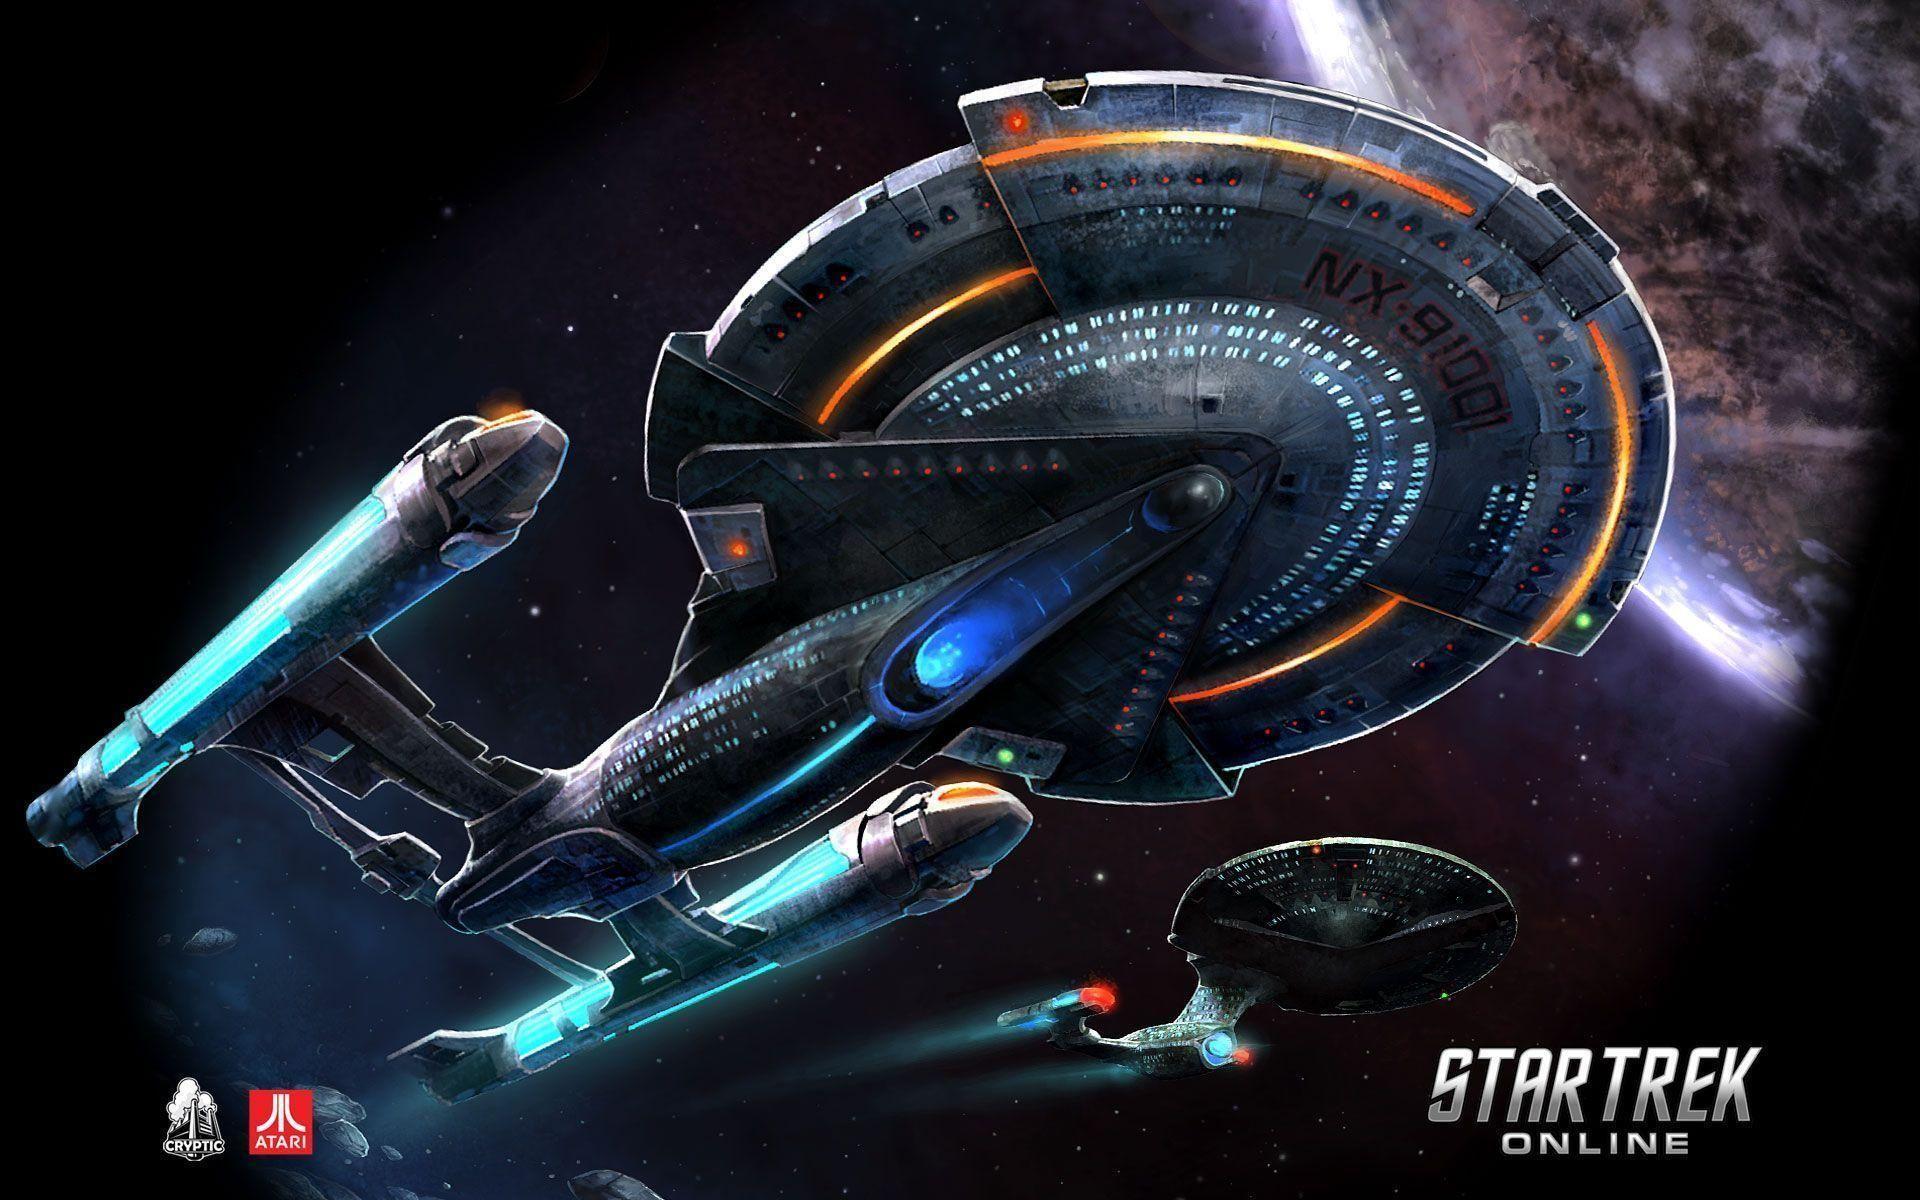 Most Downloaded Startrek Wallpapers Full Hd Wallpaper Search Star Trek Online Star Trek Wallpaper Star Trek Starships